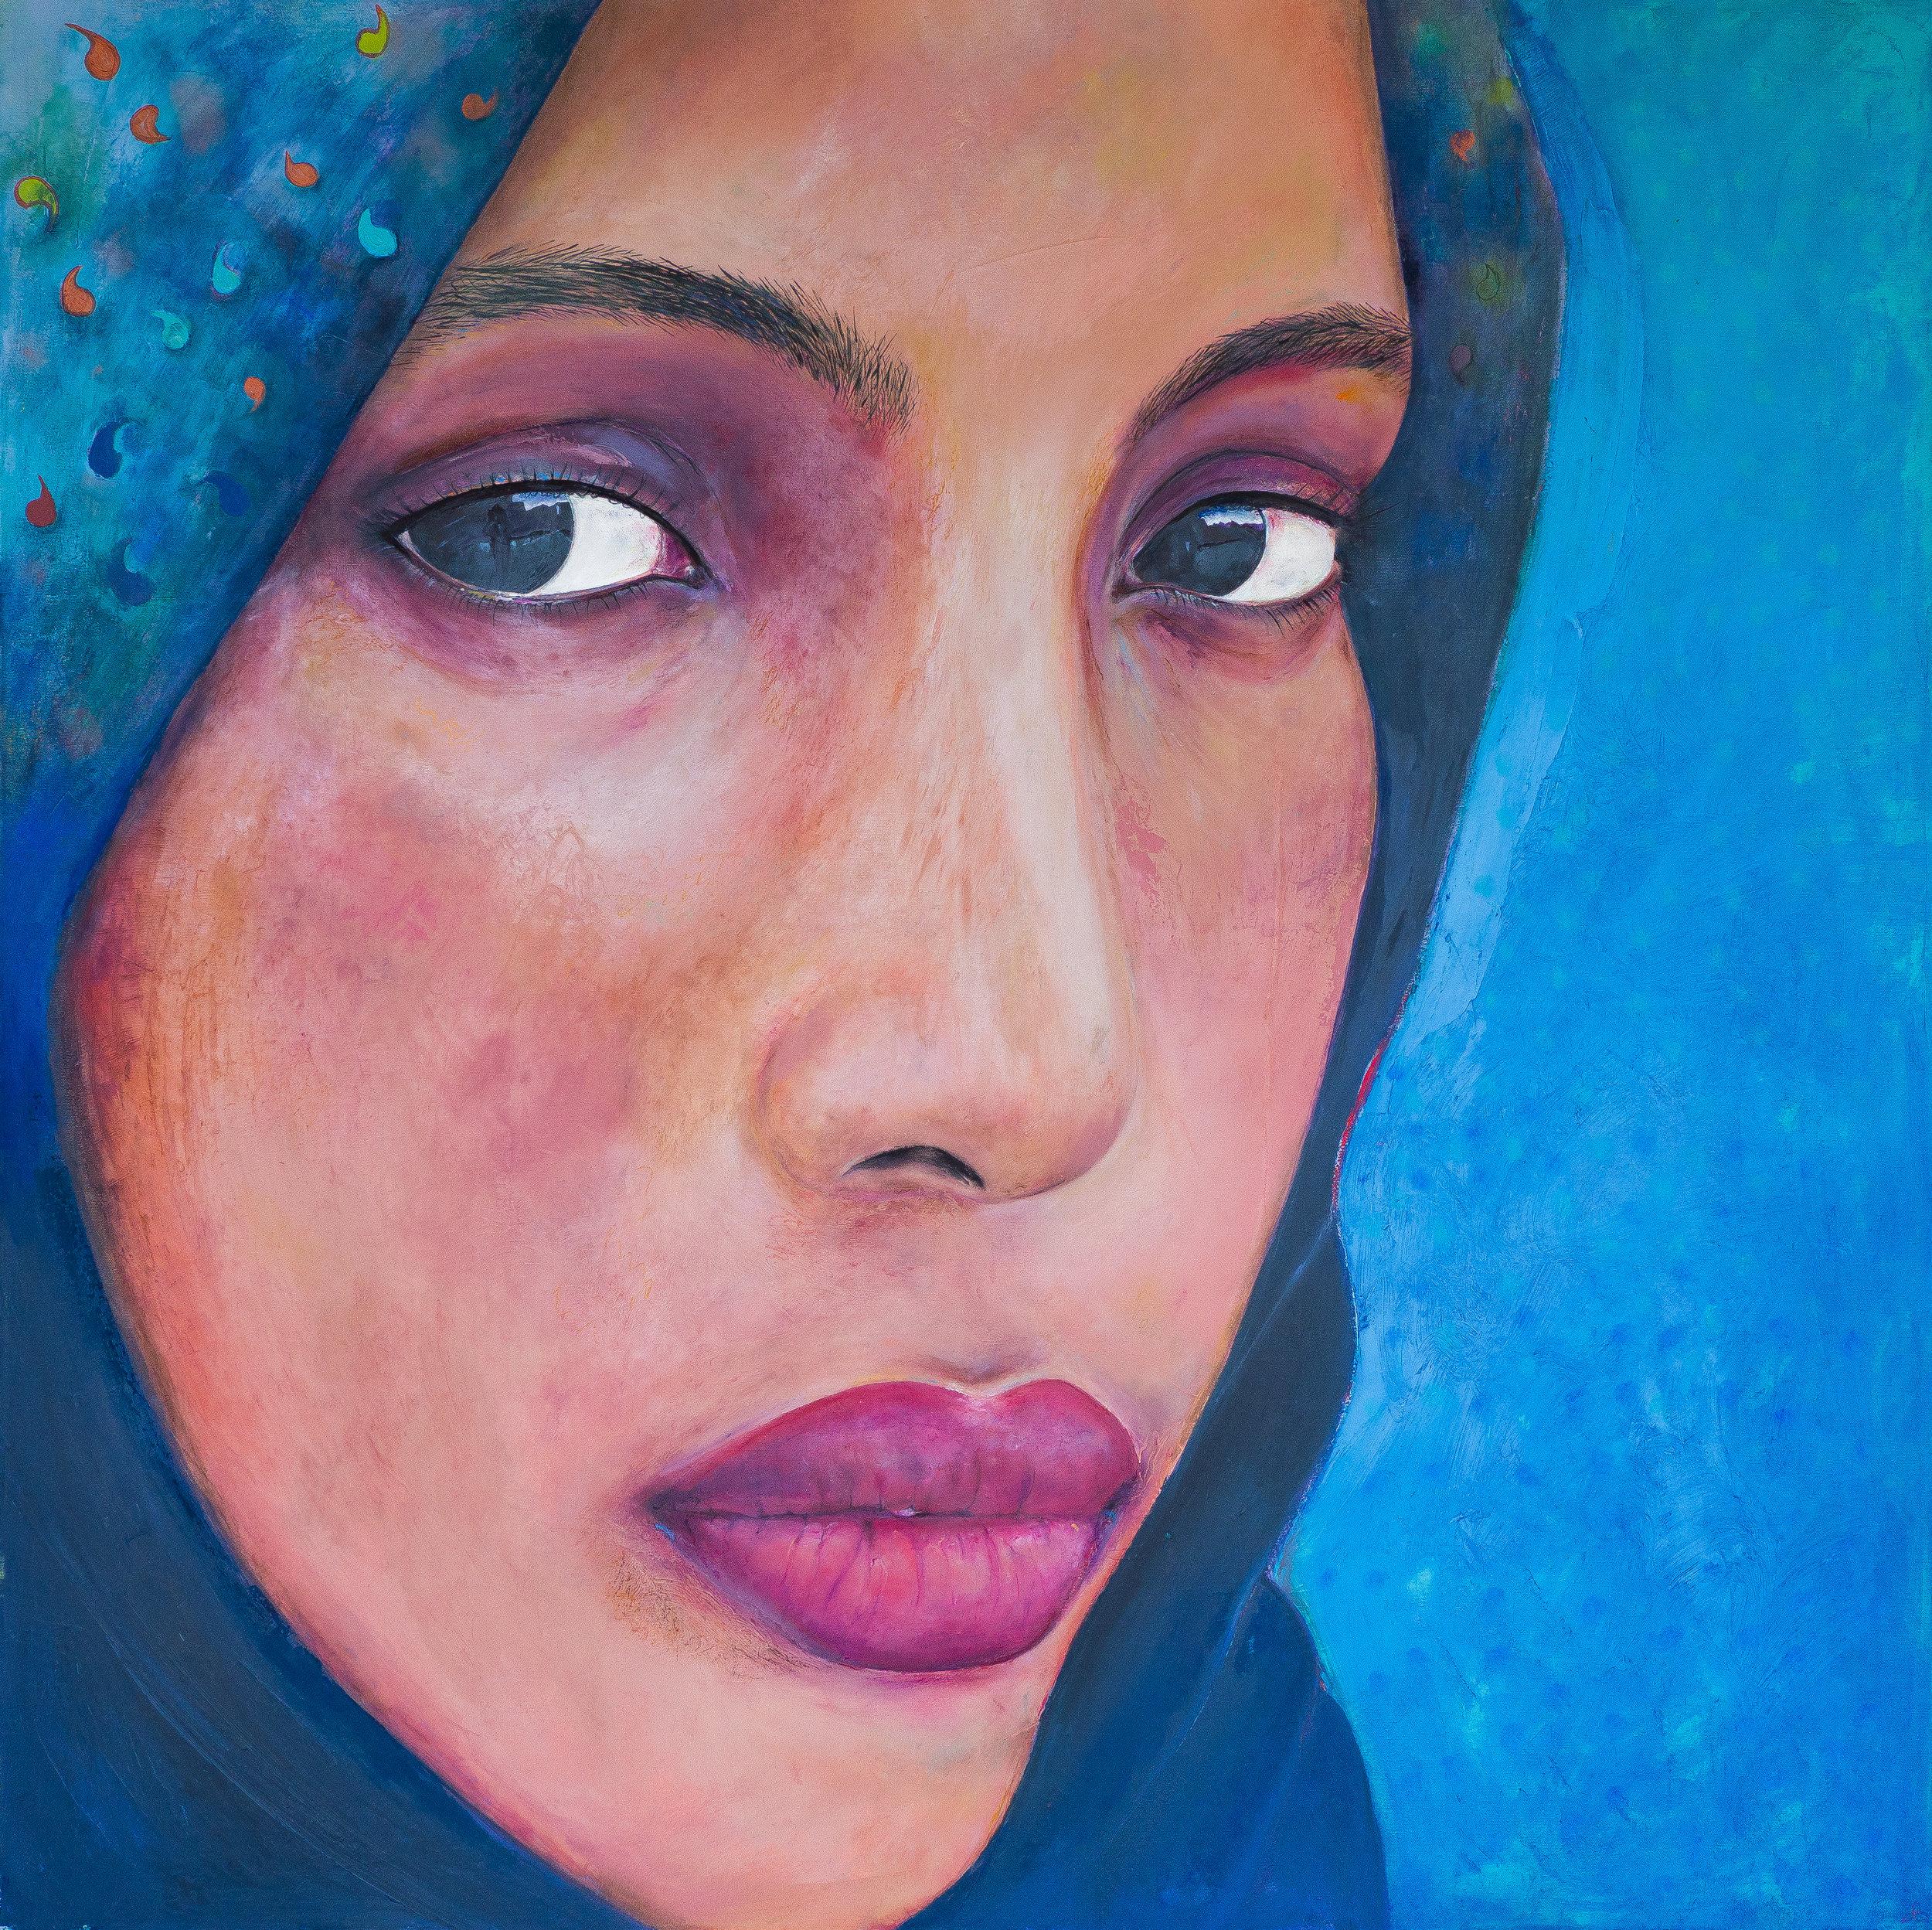 Maryama, 2015, oil on canvas, 4' x 4'